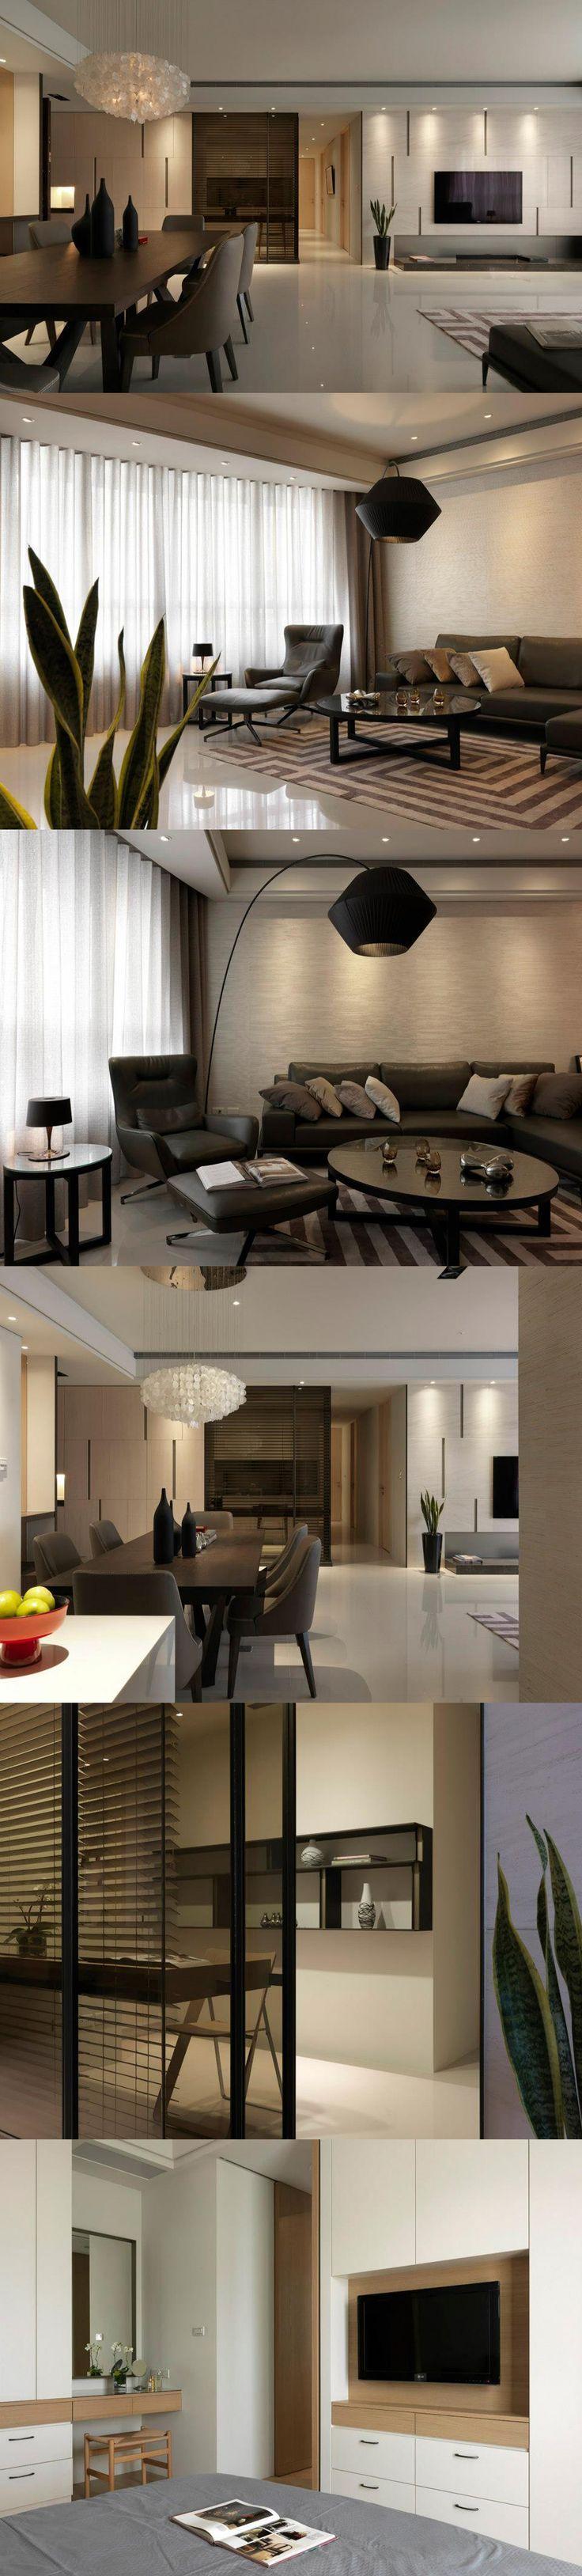 Innenarchitektur für wohnzimmer für kleines haus pin von glossandglory auf house  pinterest  wohnzimmer haus und